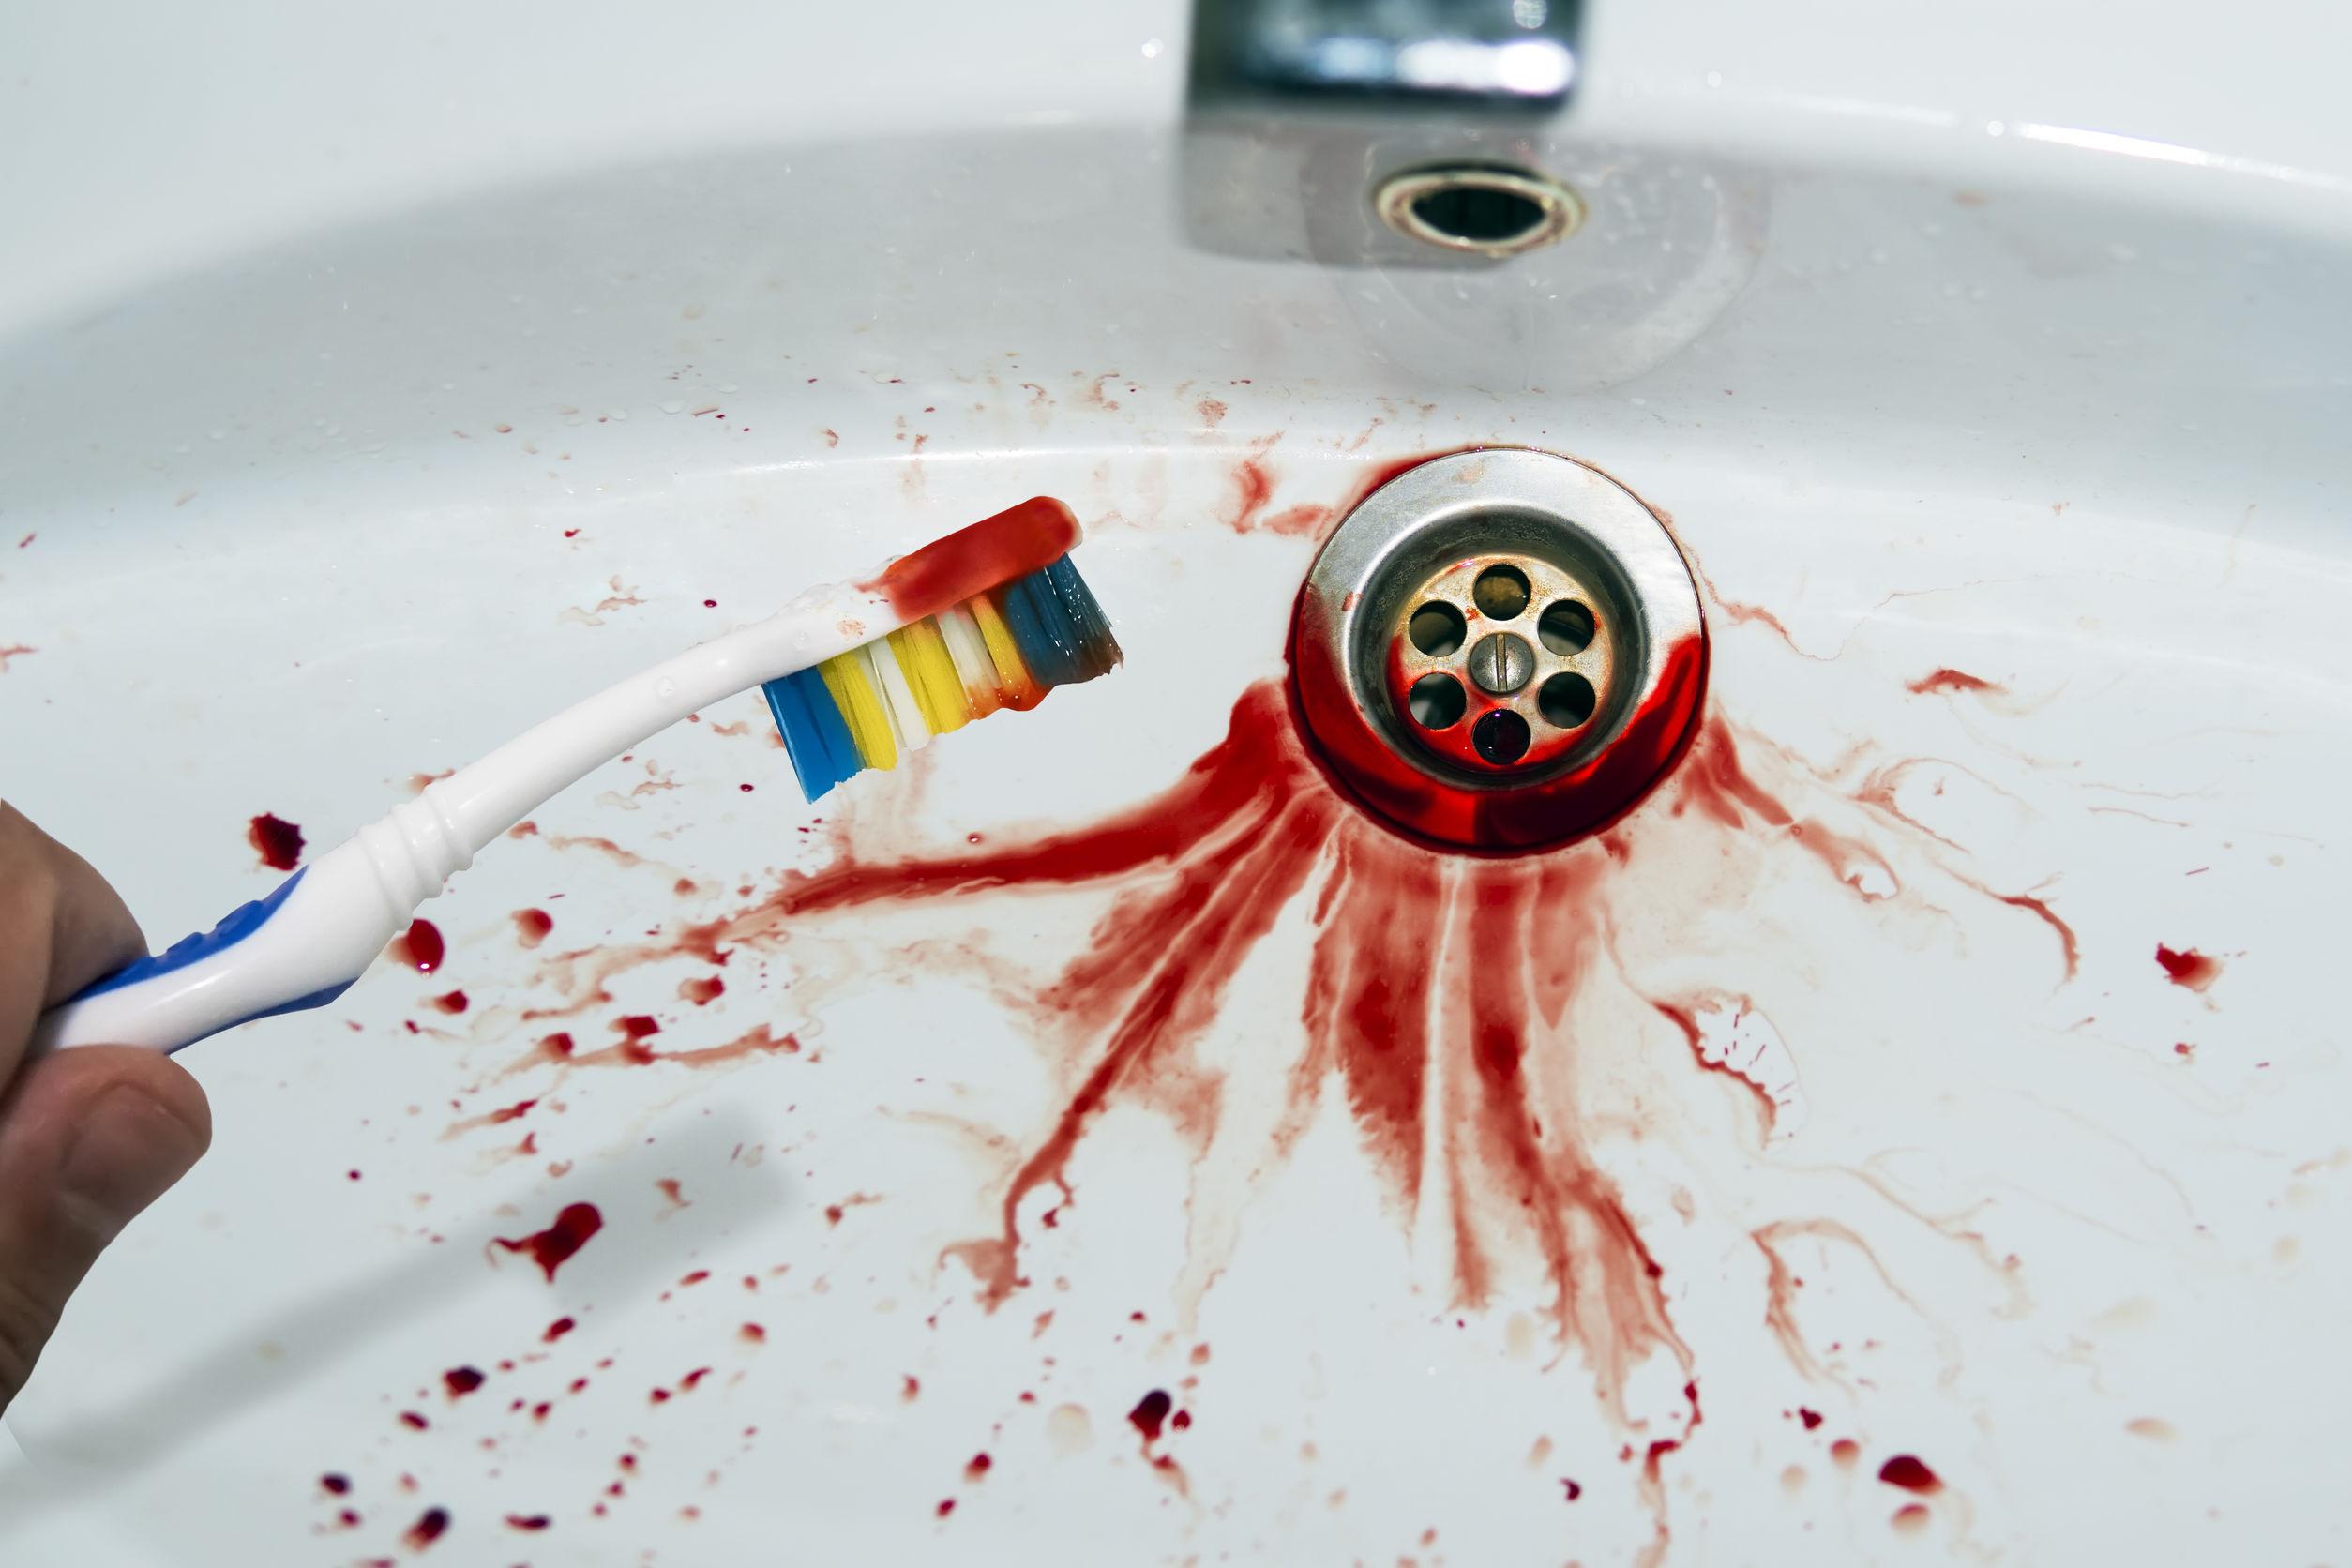 Brossage des dents trop dur fait saigner les dents